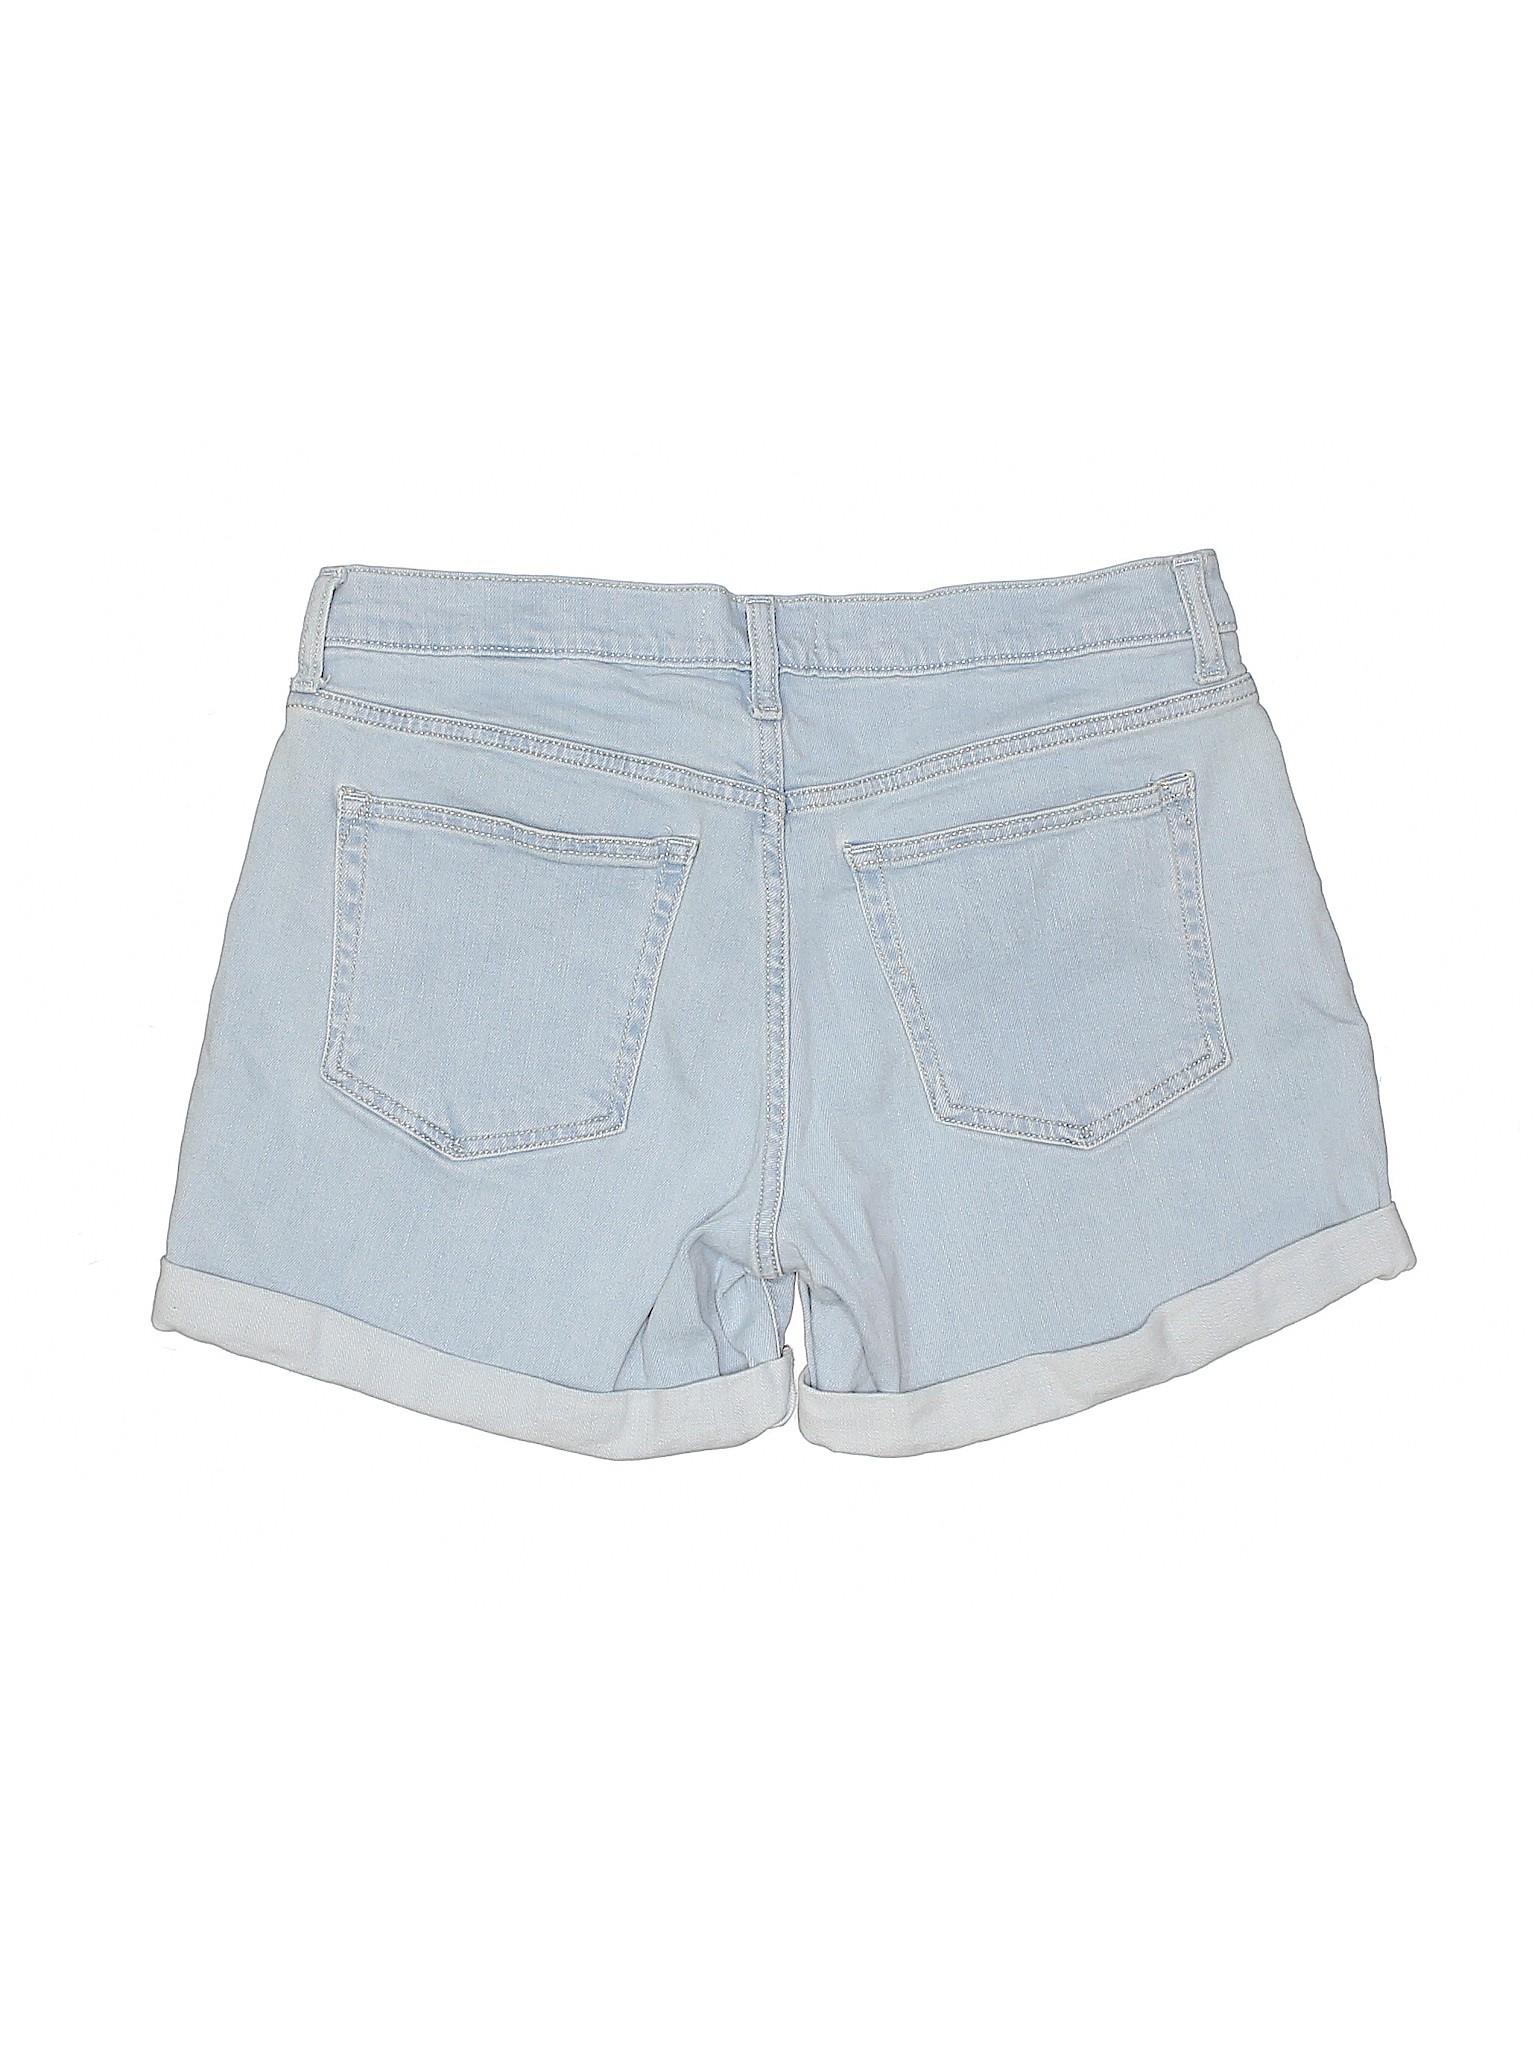 Denim Gap Boutique Boutique Shorts Gap qFtUBw